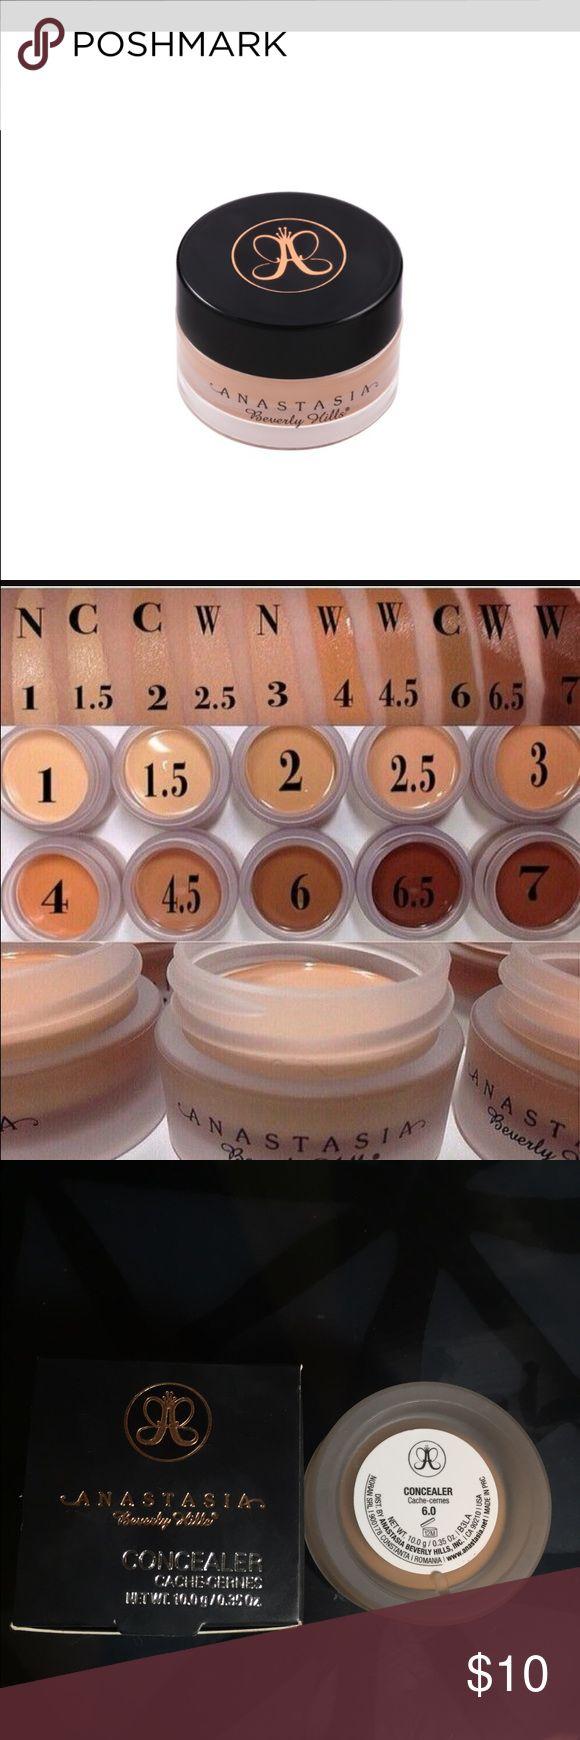 Anastasia Beverly Hills concealer 6.0 Anastasia Beverly Hills cream concealer 6.0 New in box. Photo of swatches for color reference. Anastasia Beverly Hills Makeup Concealer